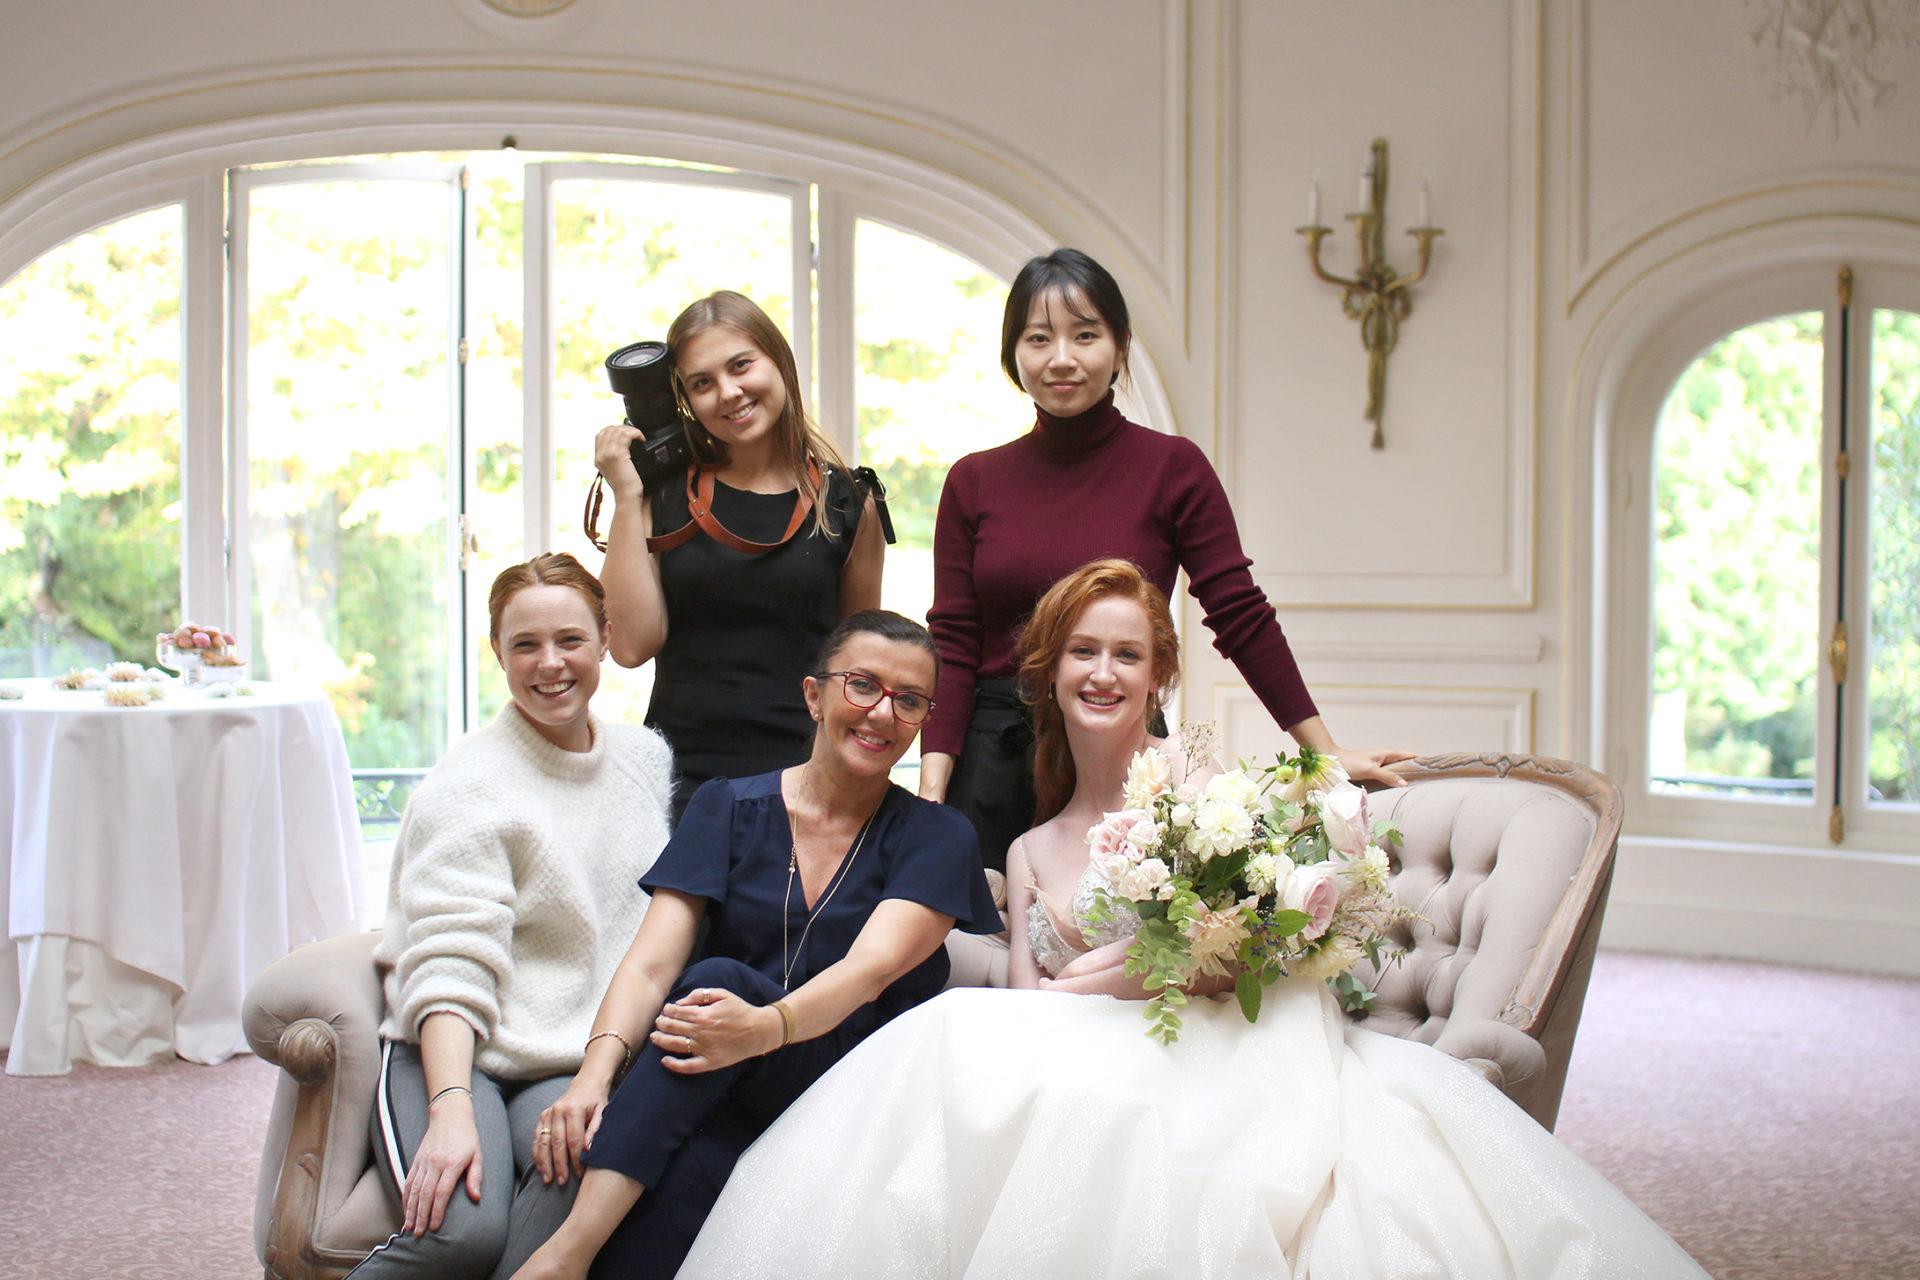 Une partie de la team du jour avec Stefania et Florestine de l'agence Atout Coeur Wedding